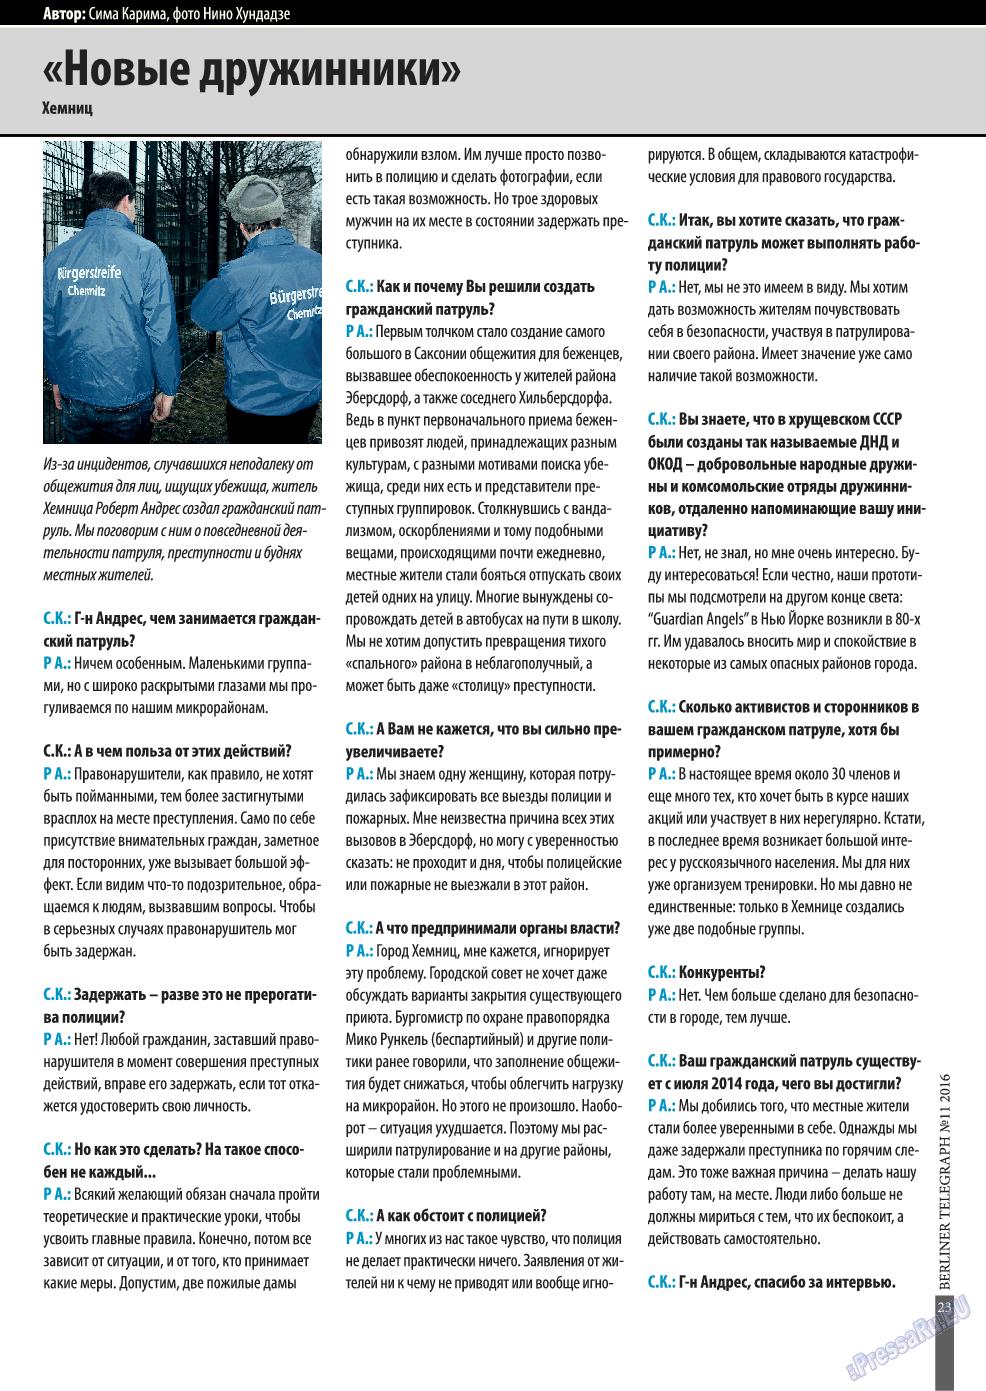 Берлинский телеграф (журнал). 2016 год, номер 11, стр. 23